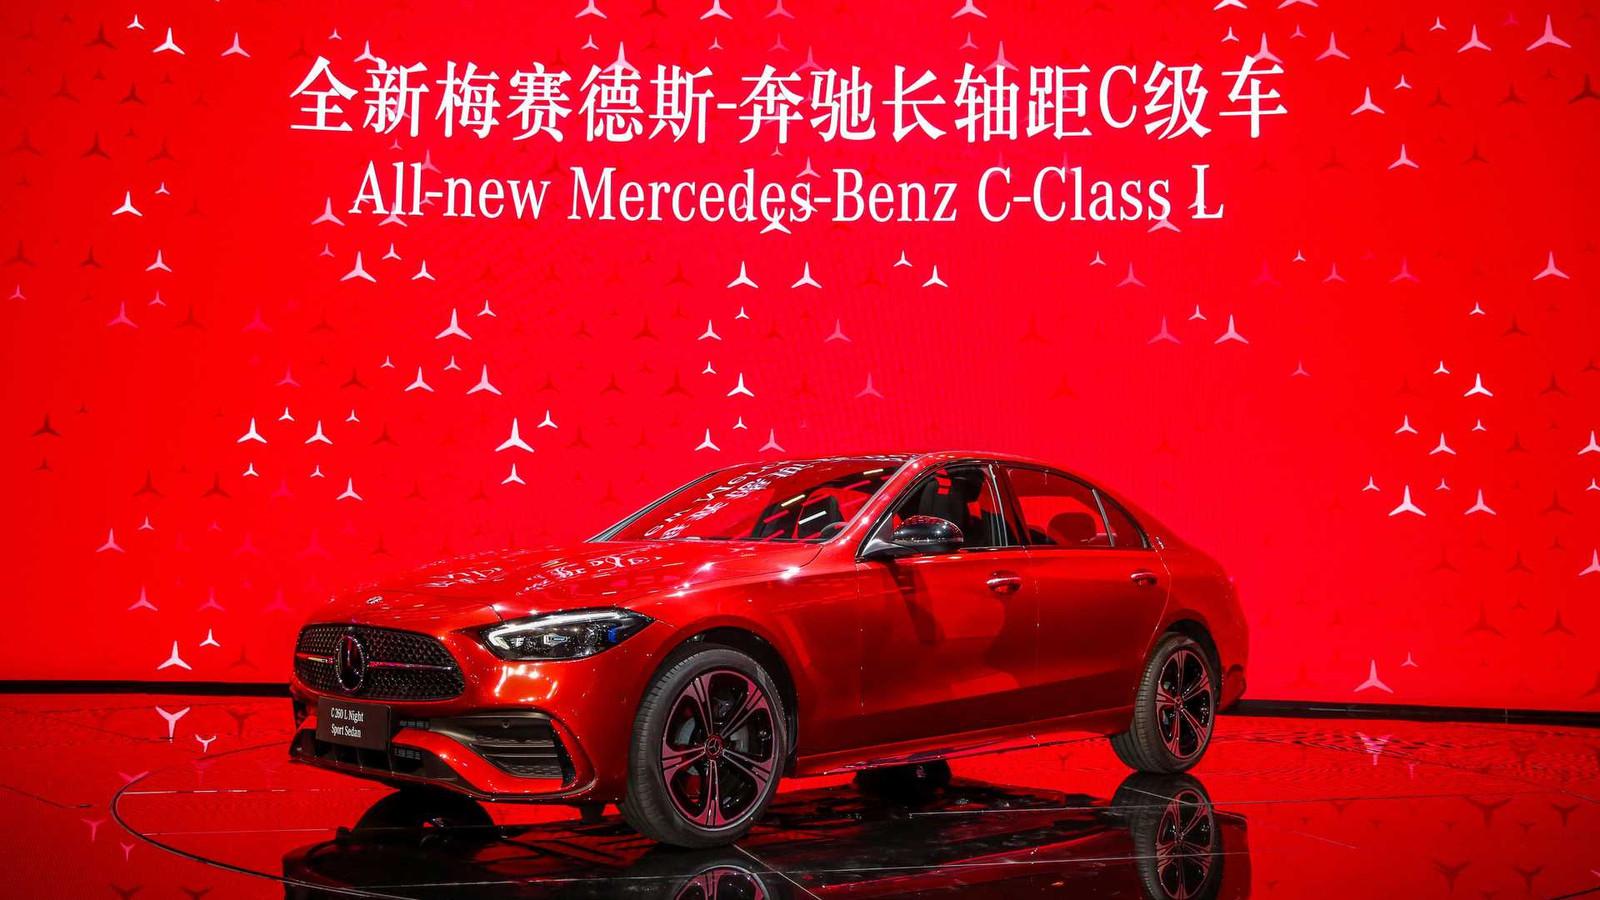 Ook de nieuwe Mercedes-Benz C-klasse bestaat in China als verlengde L-versie.